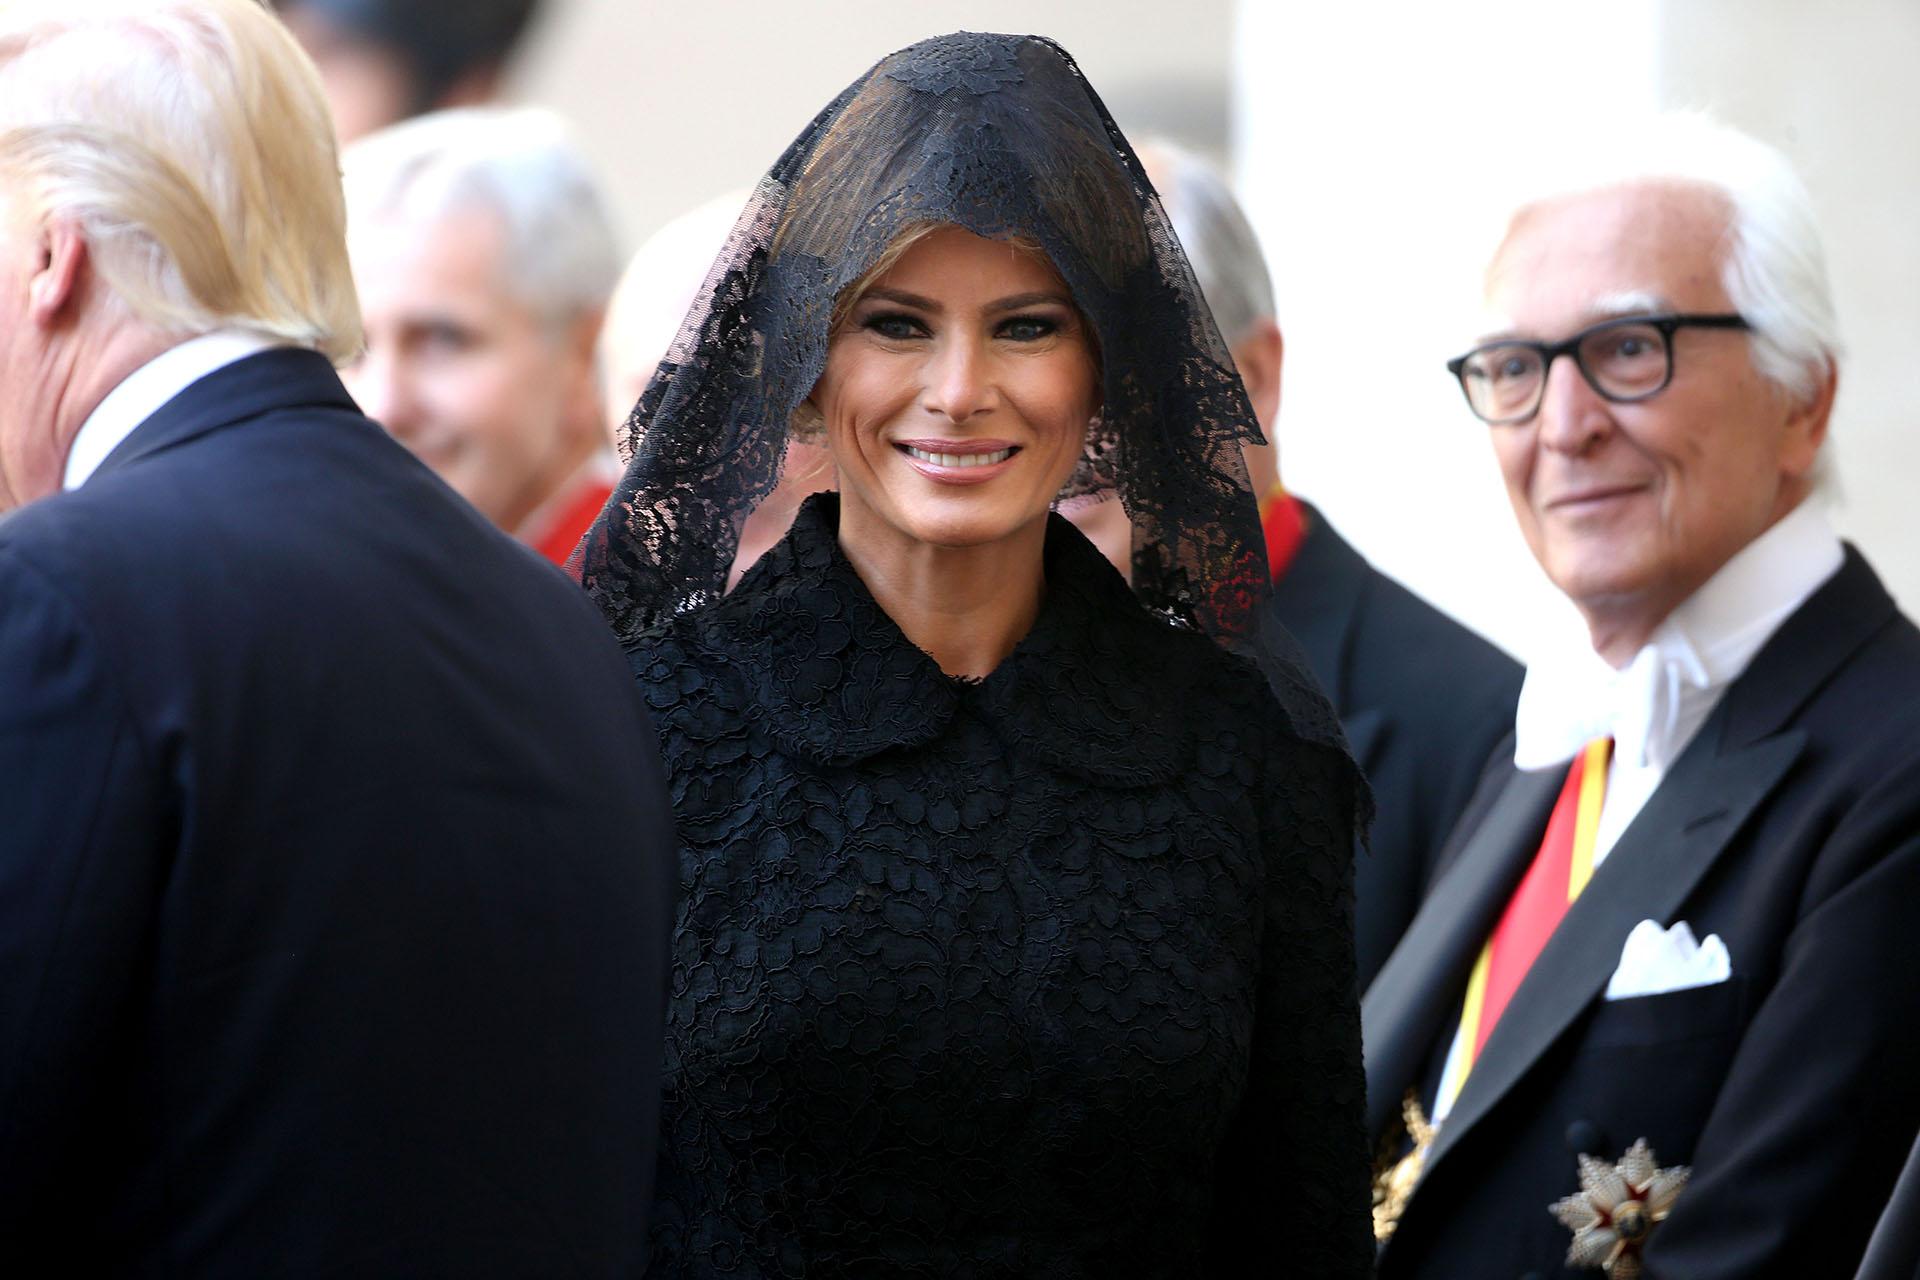 De negro -como indica el protocolo – y velo de encaje, para saludar al Papa